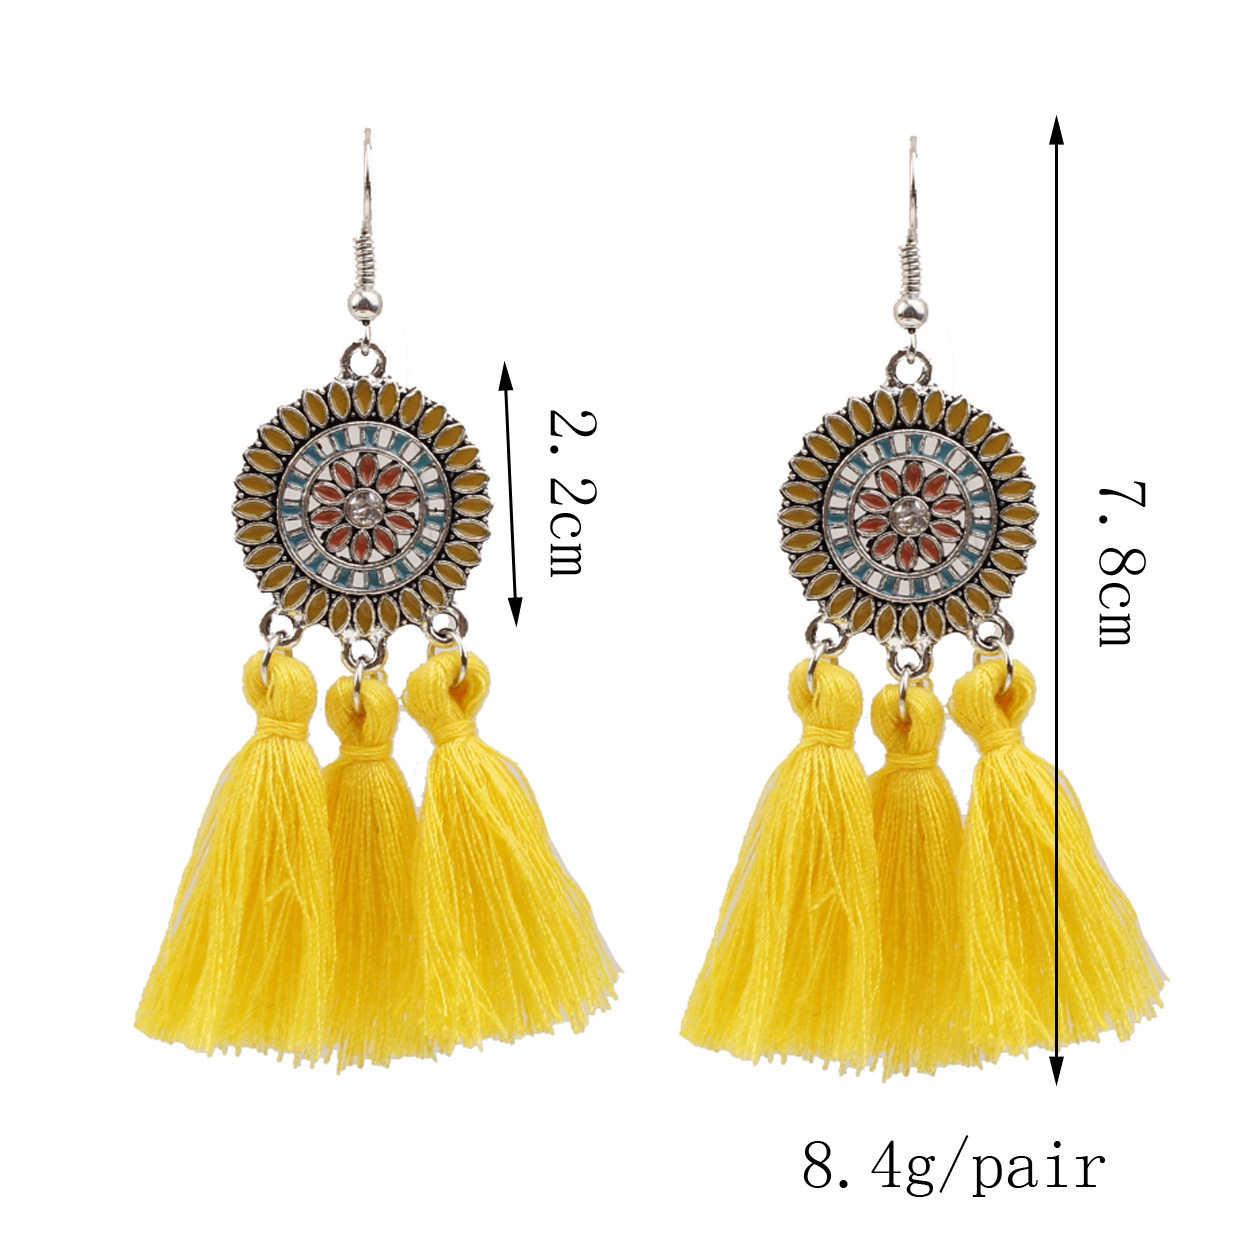 2019 Hot Luxury ยาวจี้ต่างหู Boho Red Drop Dangle ต่างหูสำหรับผู้หญิงงานแต่งงาน Charm Fringed Bijoux ของขวัญ